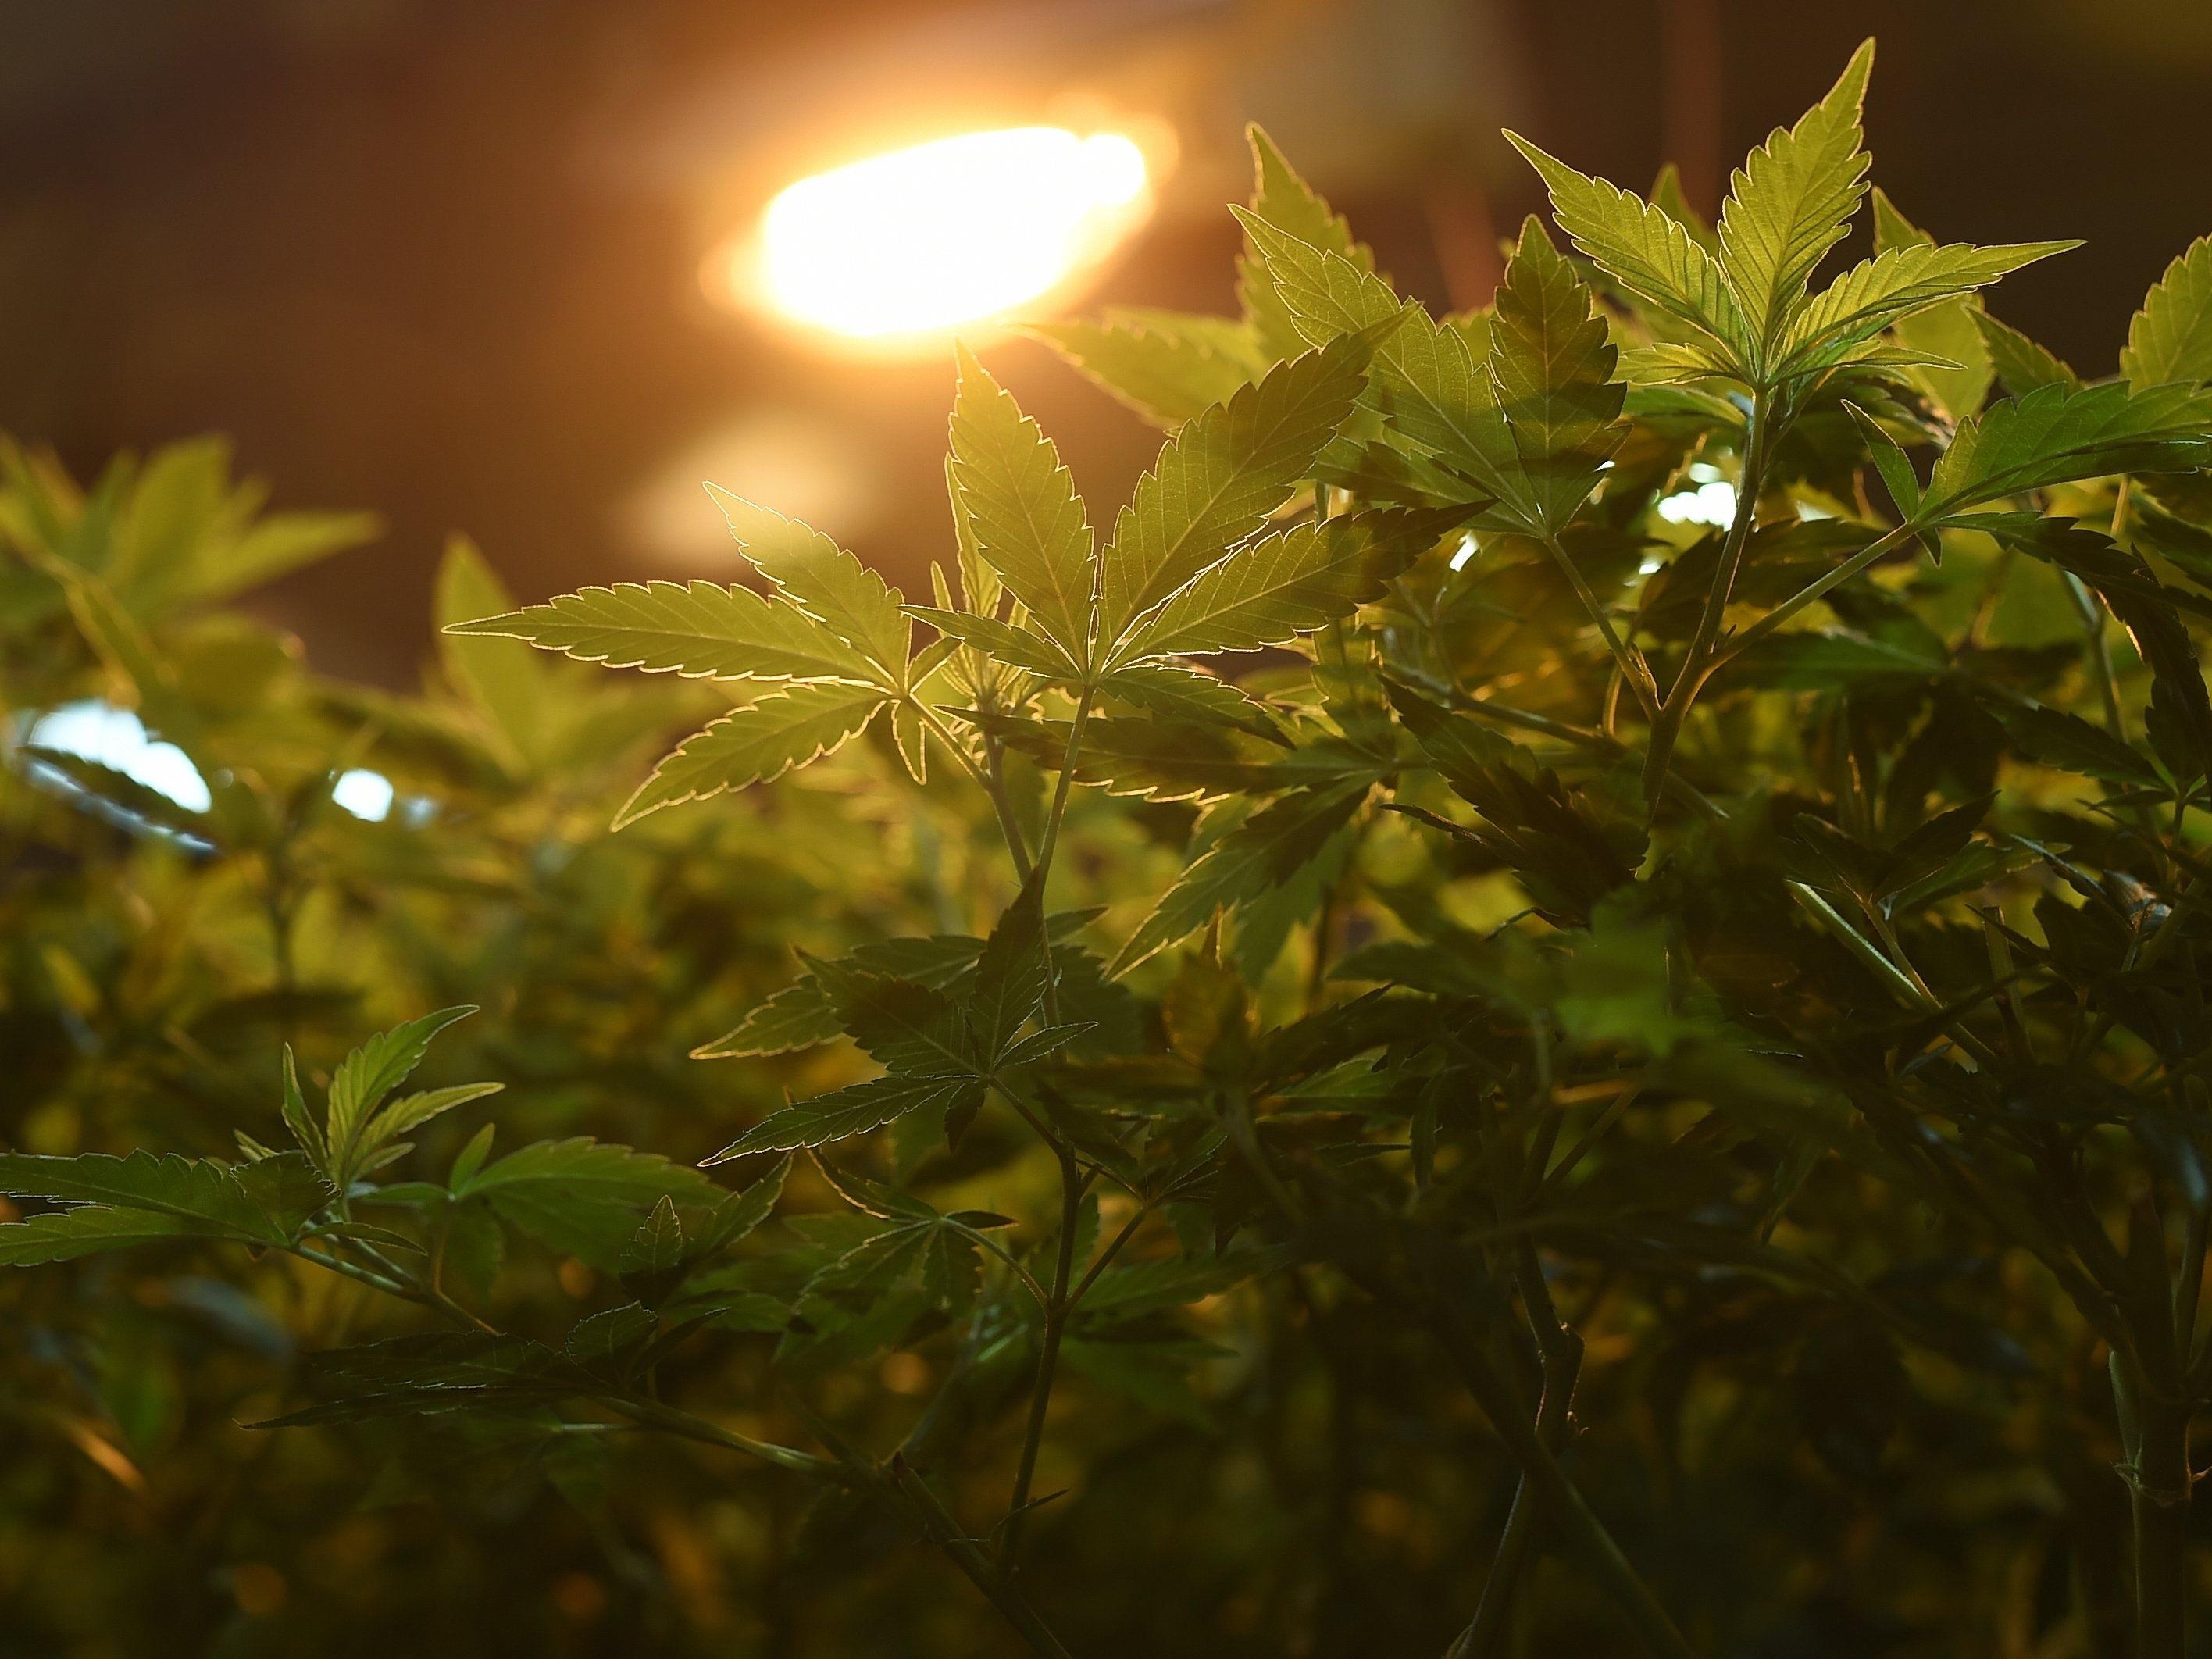 Ein 23-Jähriger soll knapp siebeneinhalb Kilo Marihuana verkauft haben.